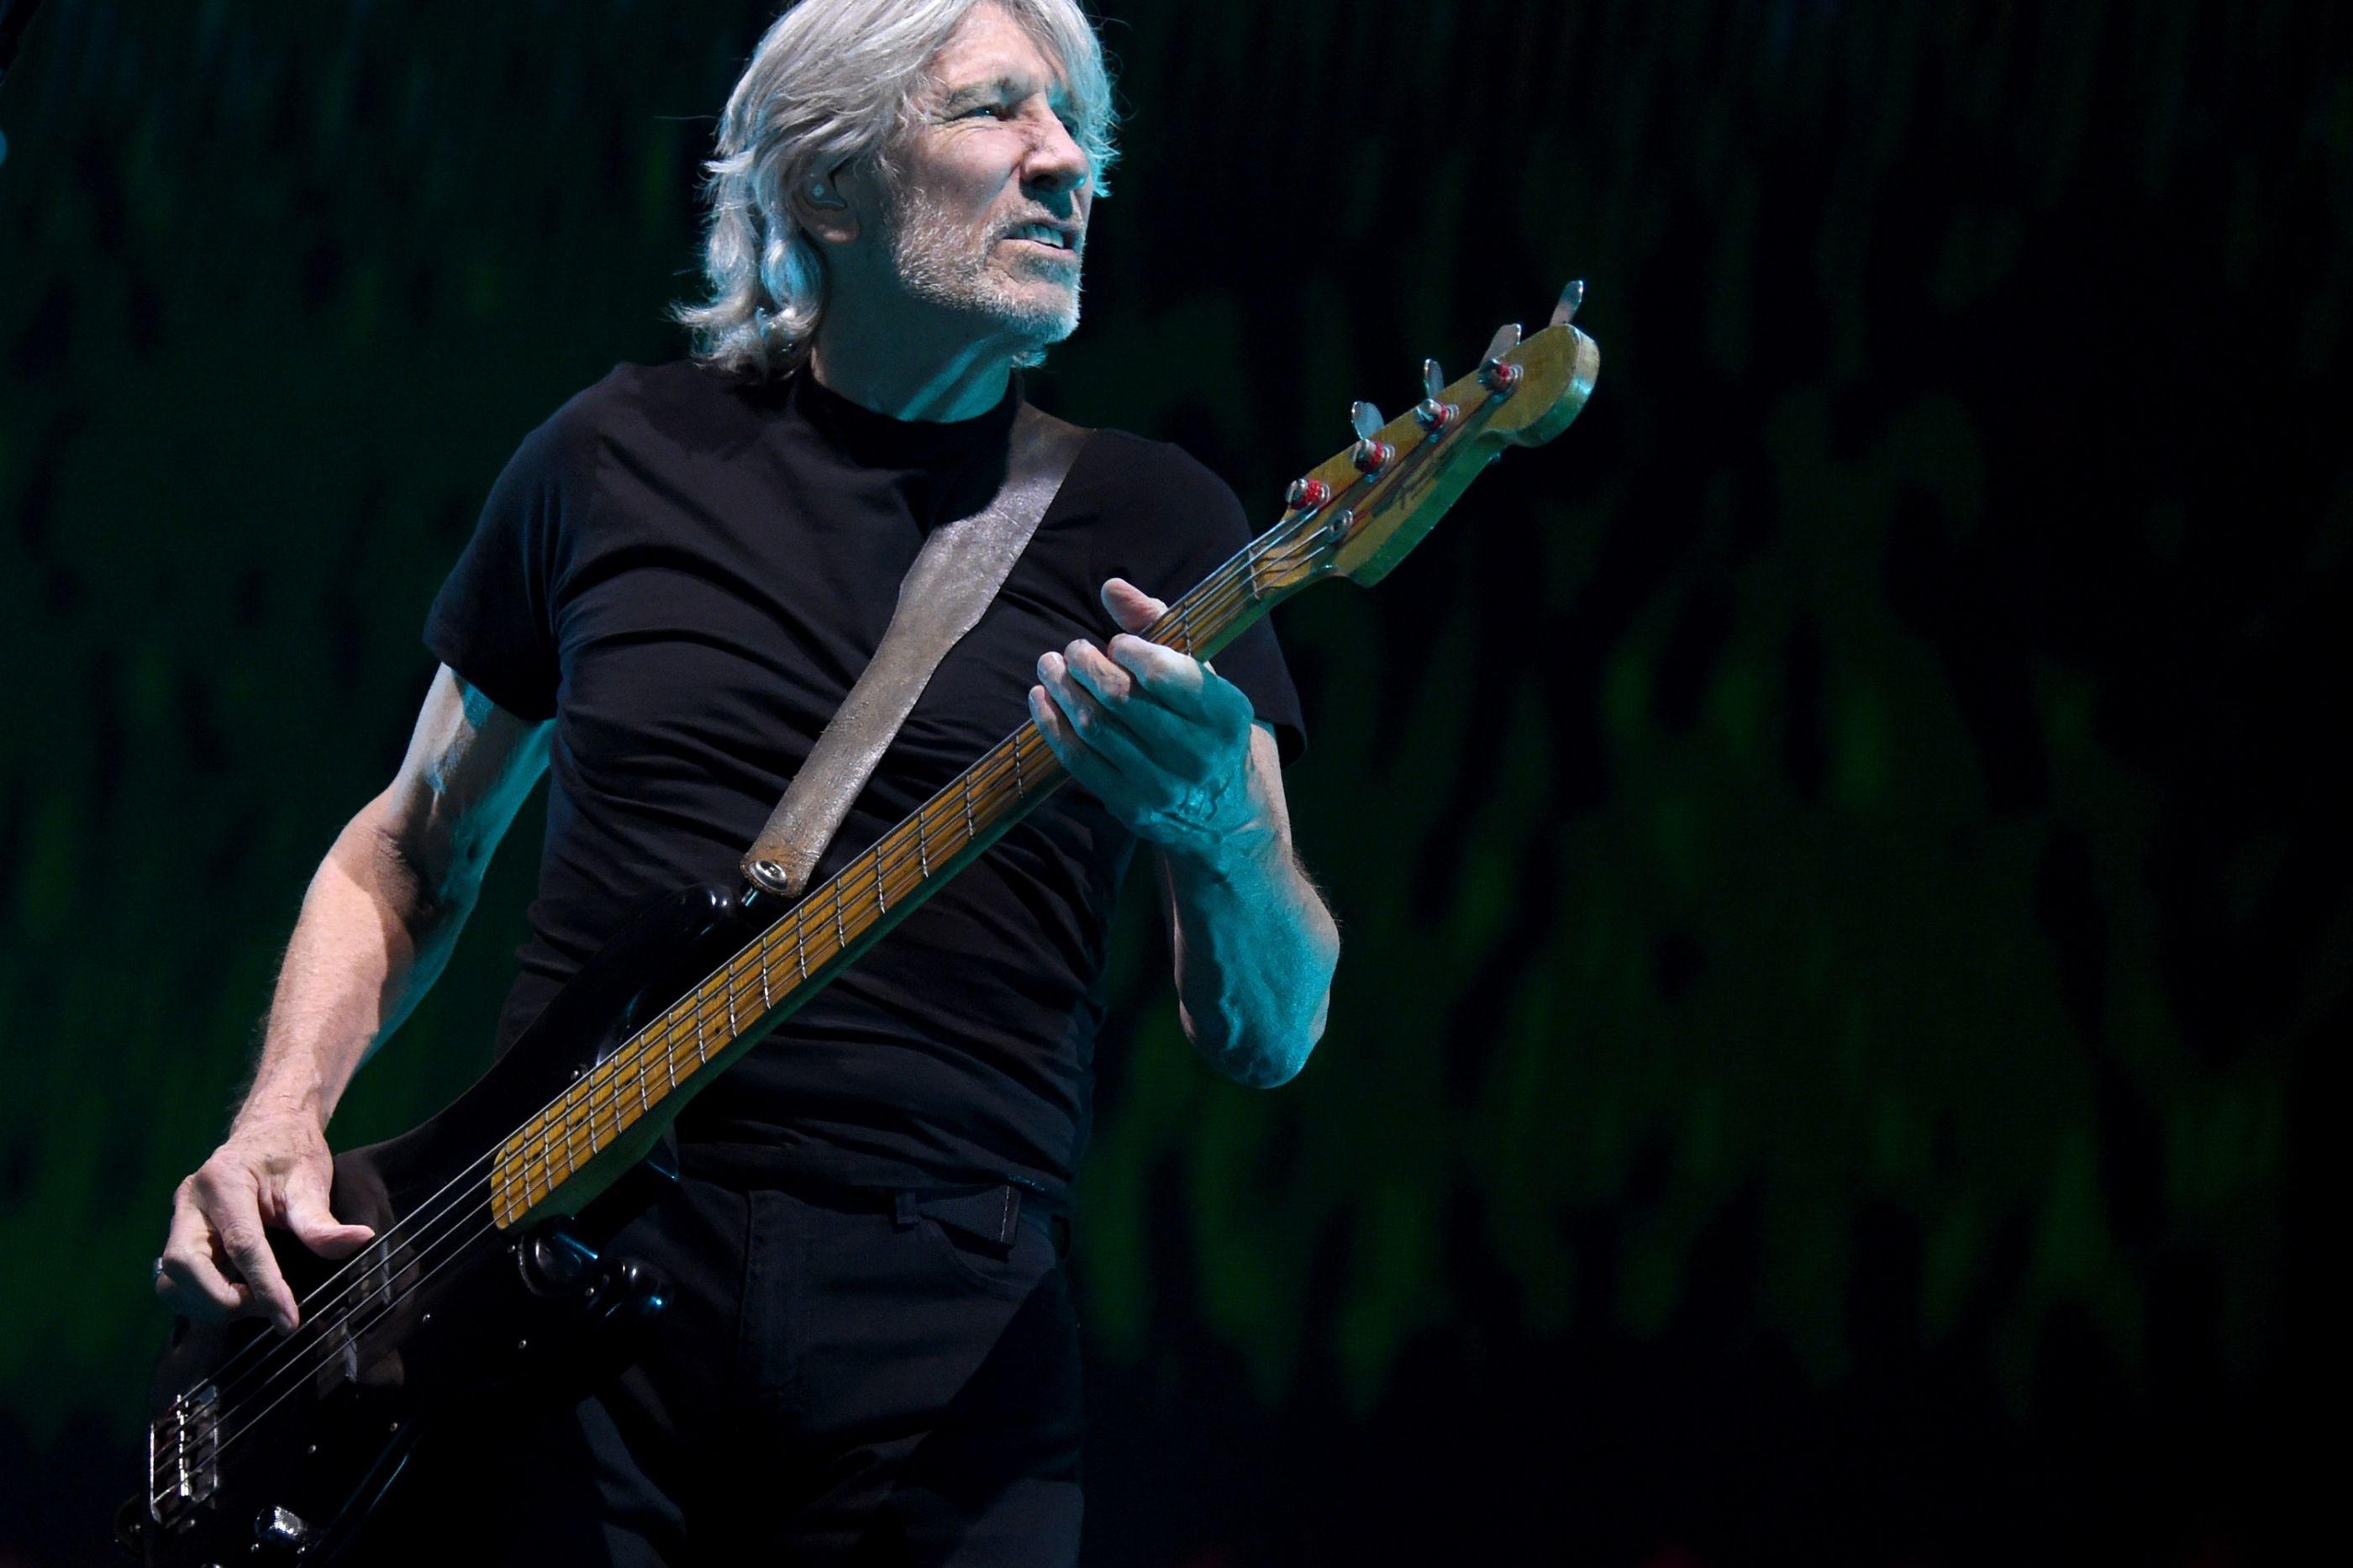 Roger Waters compara Bolsonaro a Hitler e admite boicotar Brasil